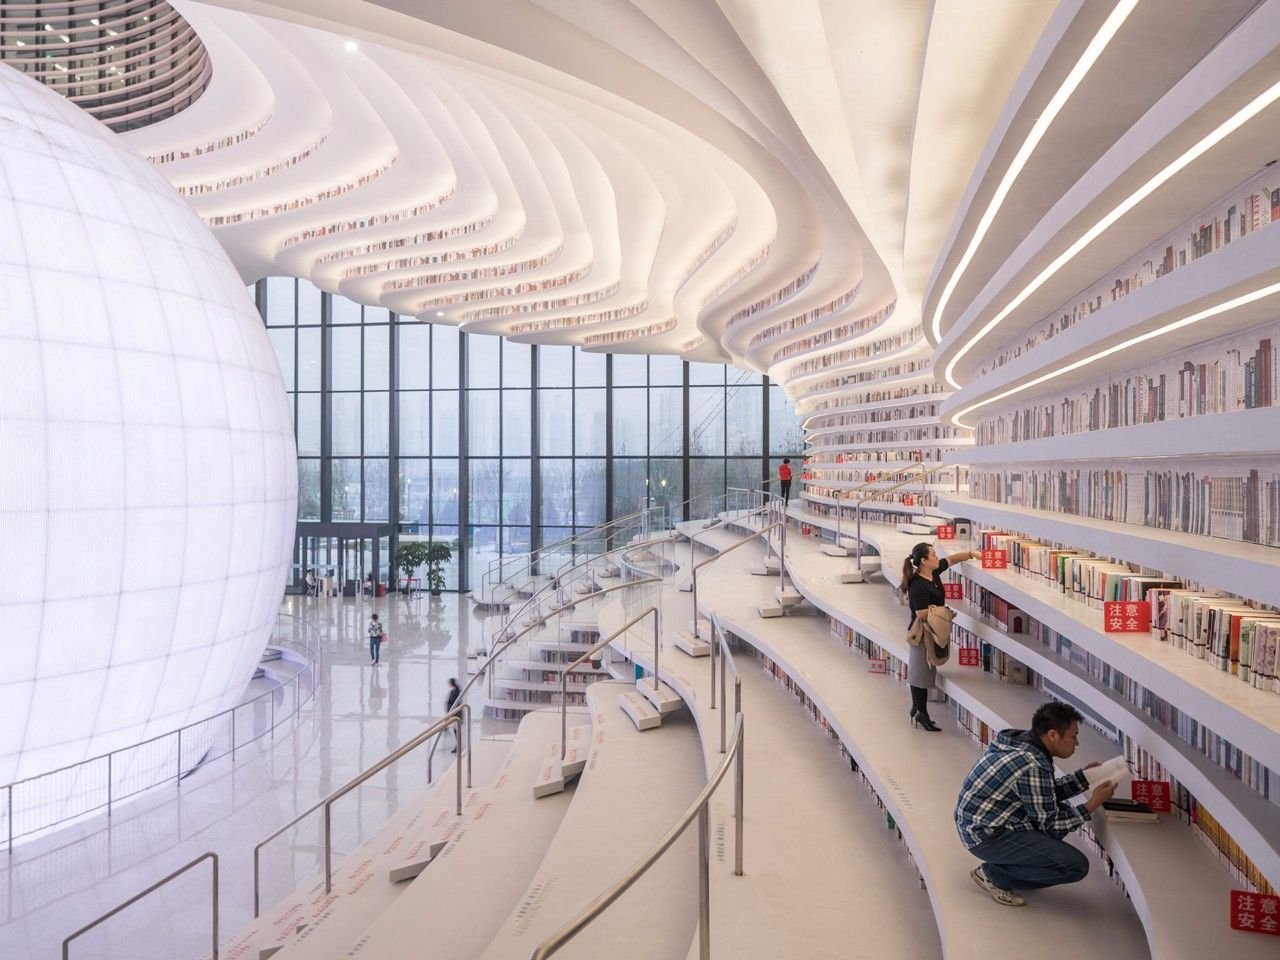 天津滨海图书馆设计欣赏